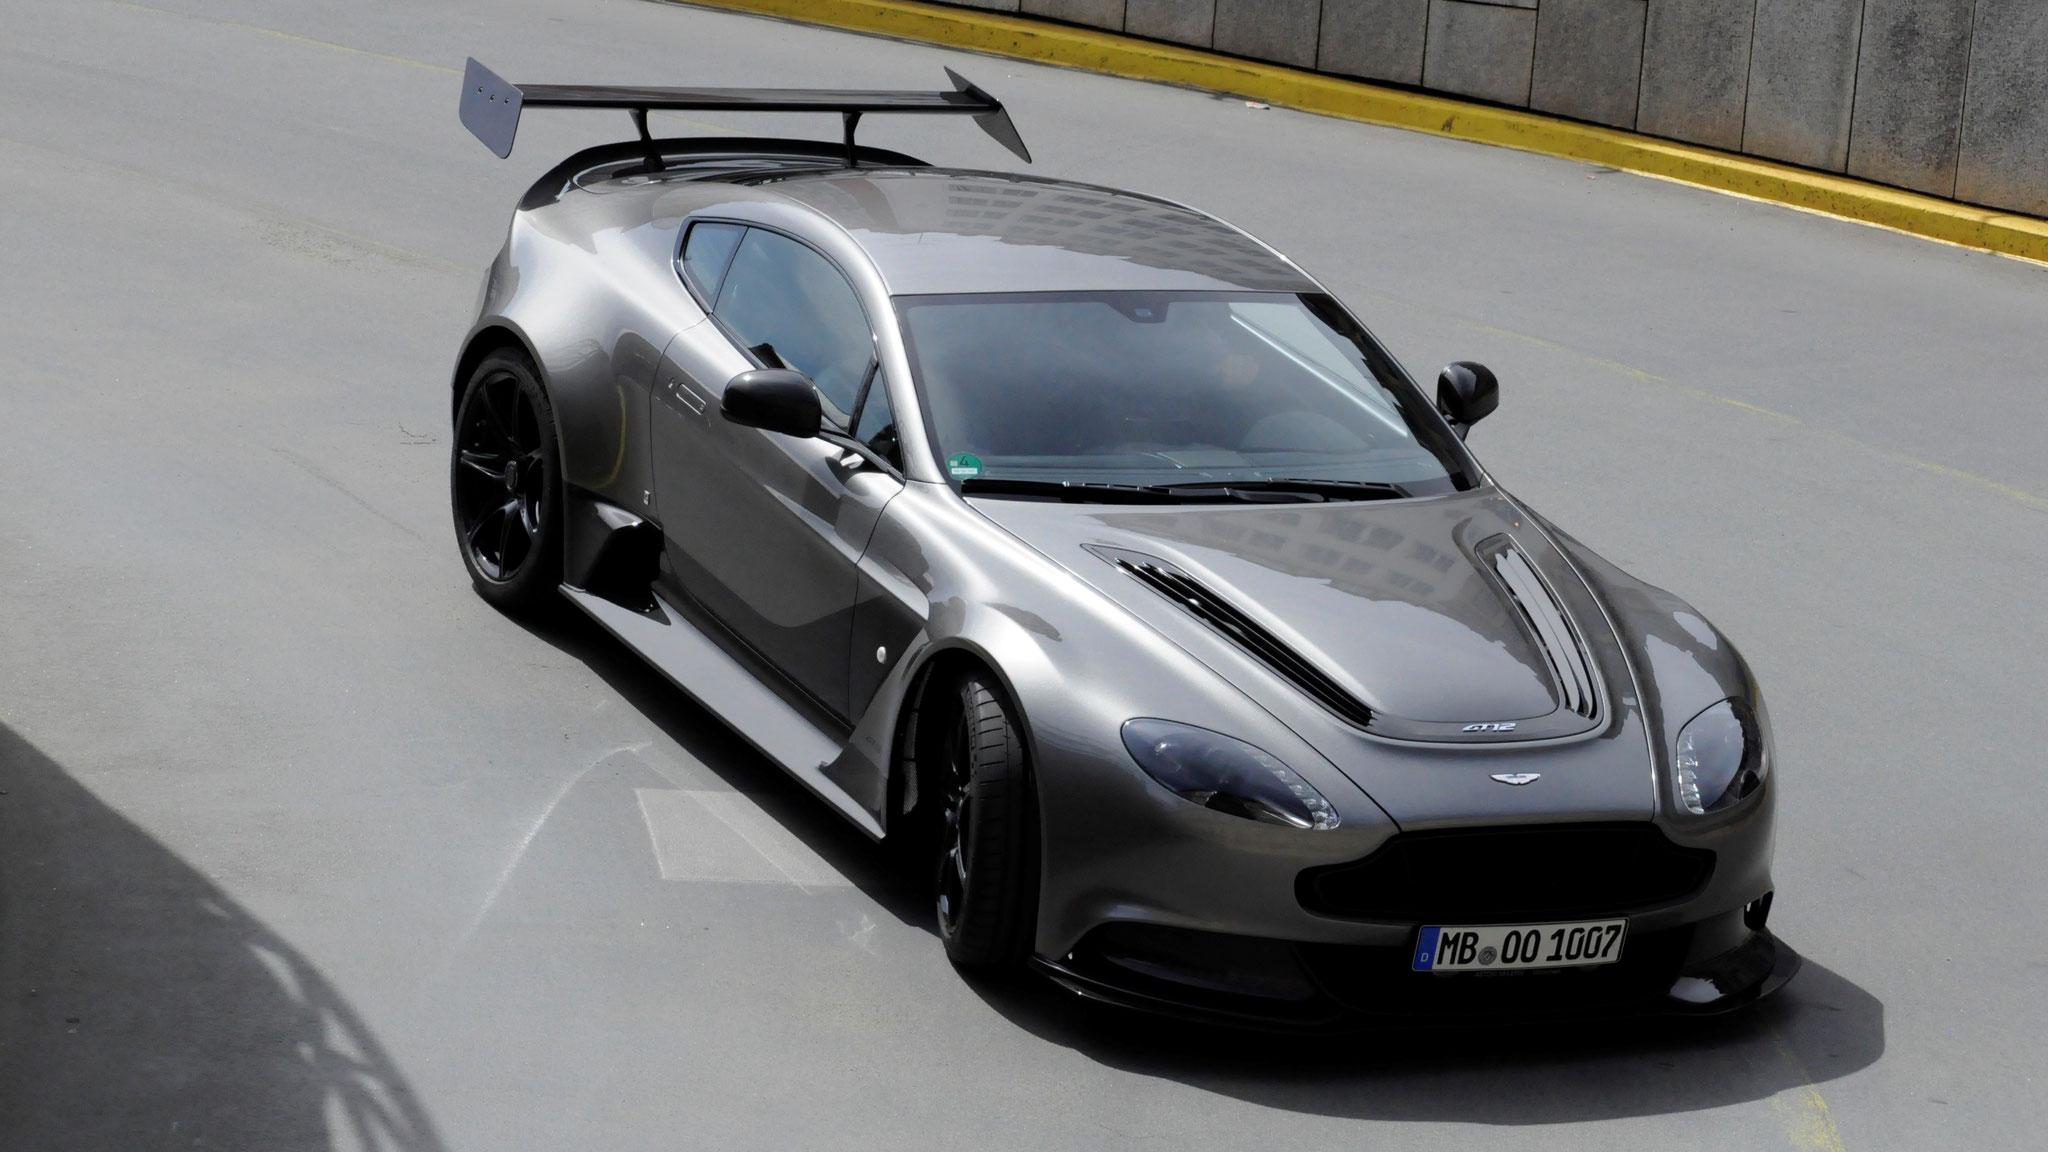 Aston Martin Vantage GT12 - MB-OO-1007